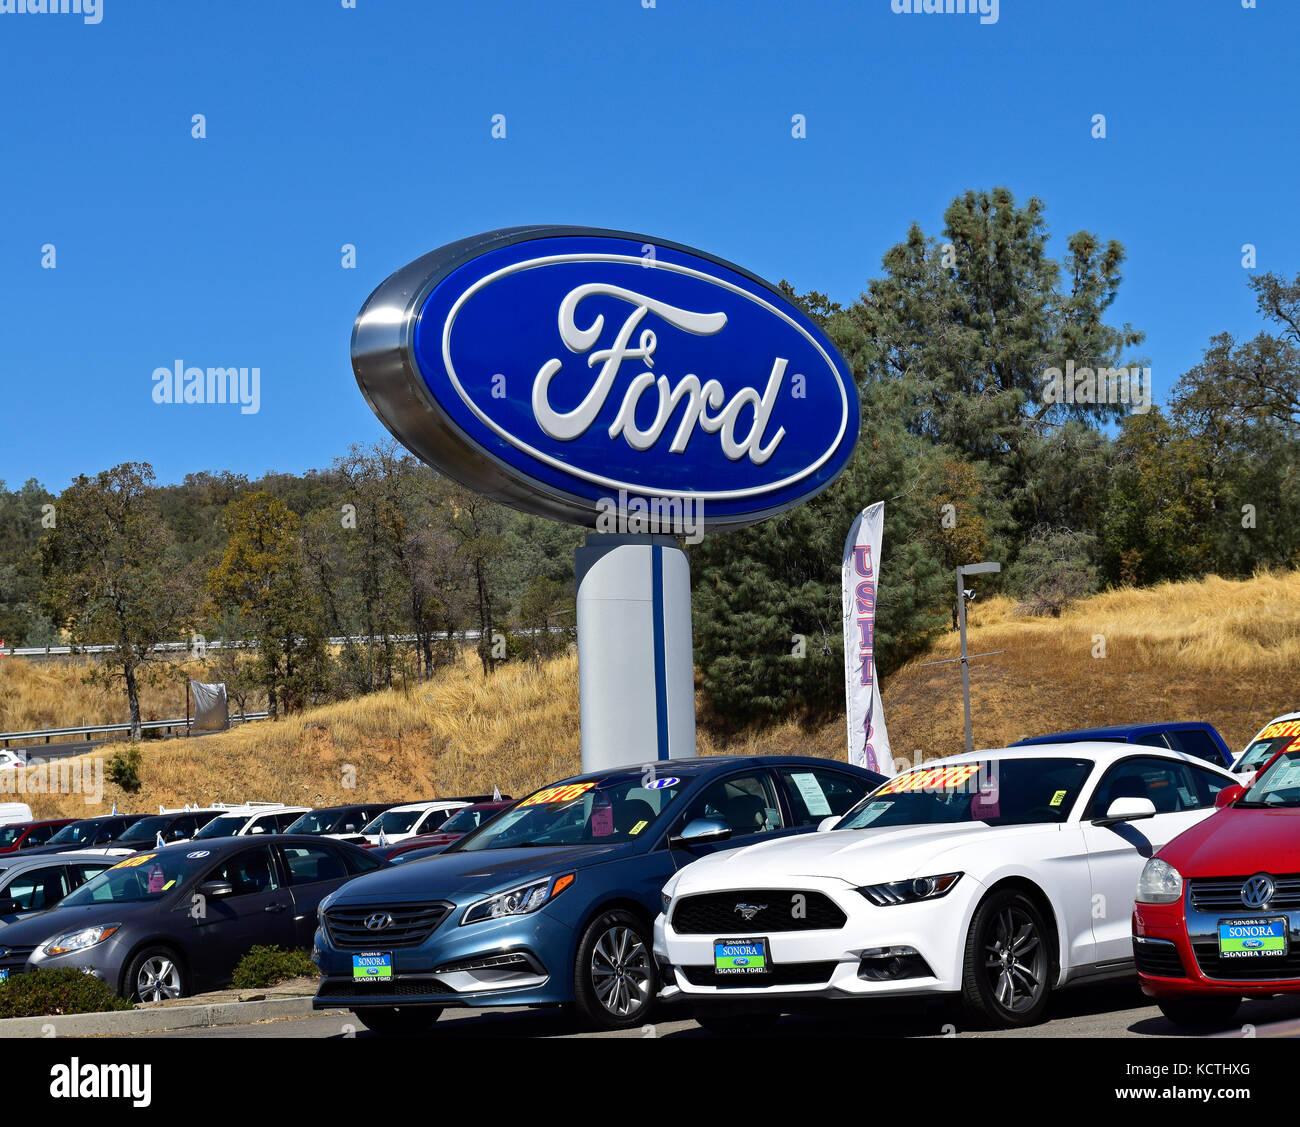 Car Lot Dealer Stock Photos & Car Lot Dealer Stock Images